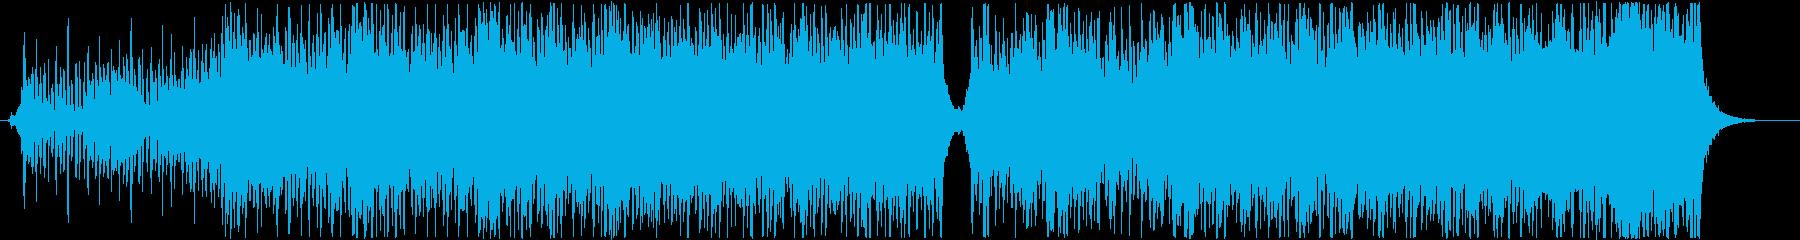 クラシック交響曲 オペラ 可愛い ...の再生済みの波形